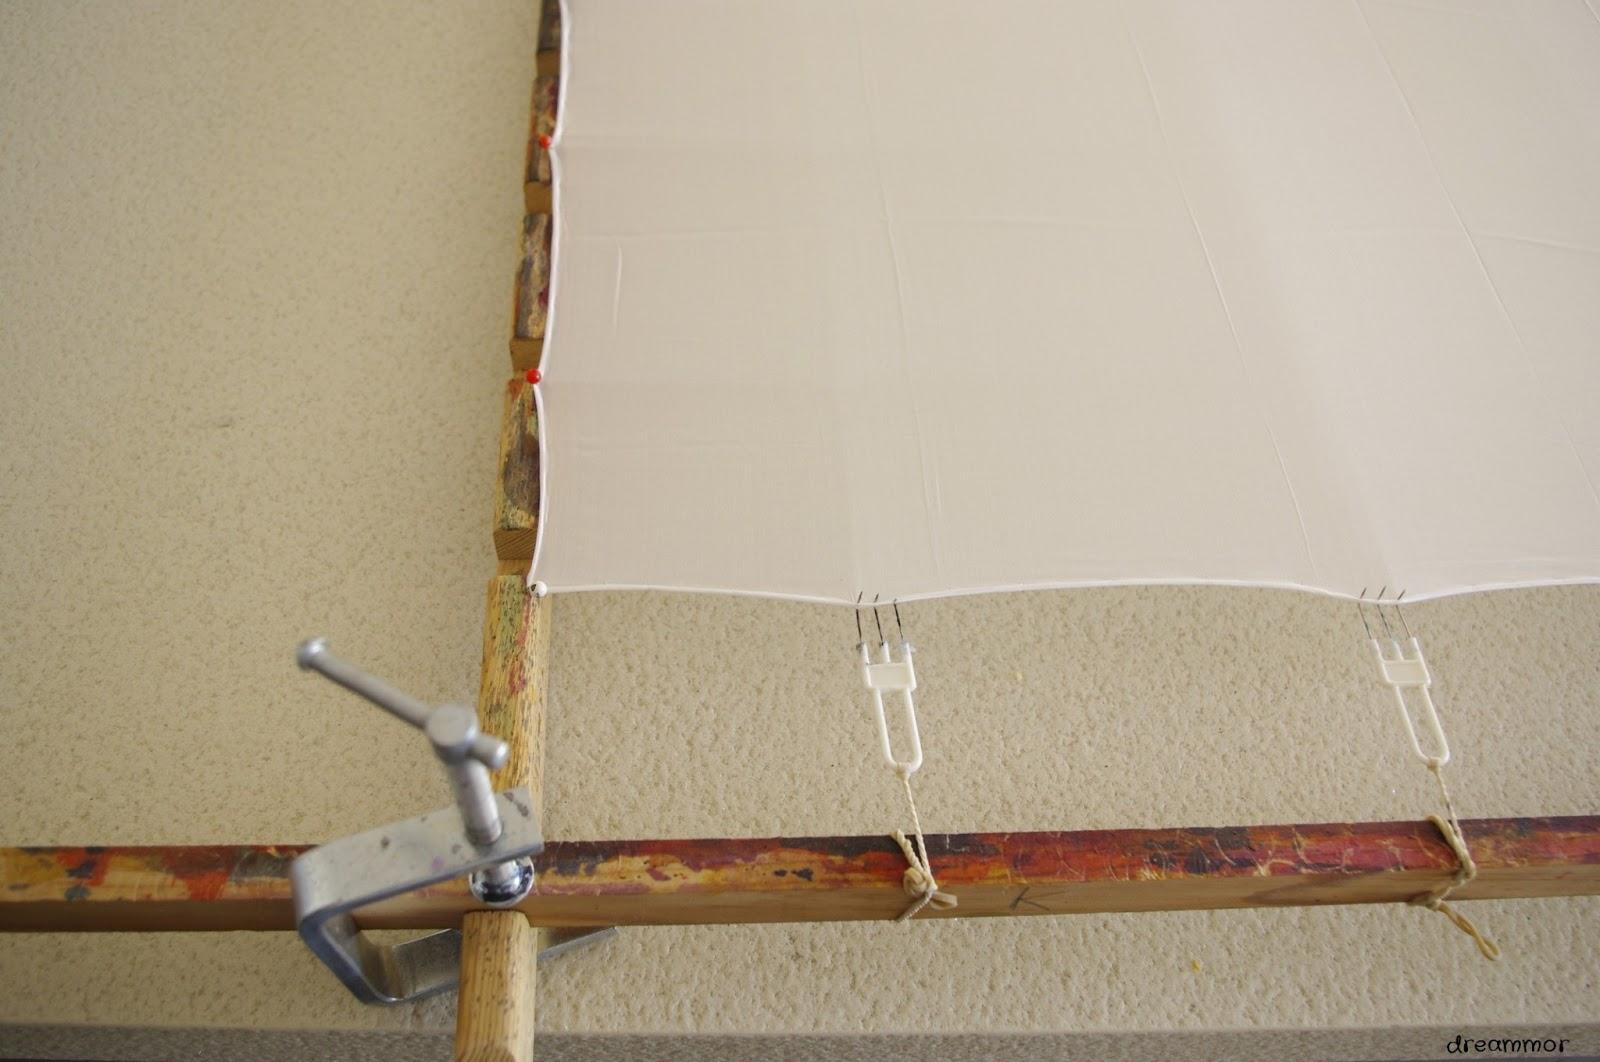 Como hacer... Pintar pañuelo seda (técnica agua I) | Dreammor